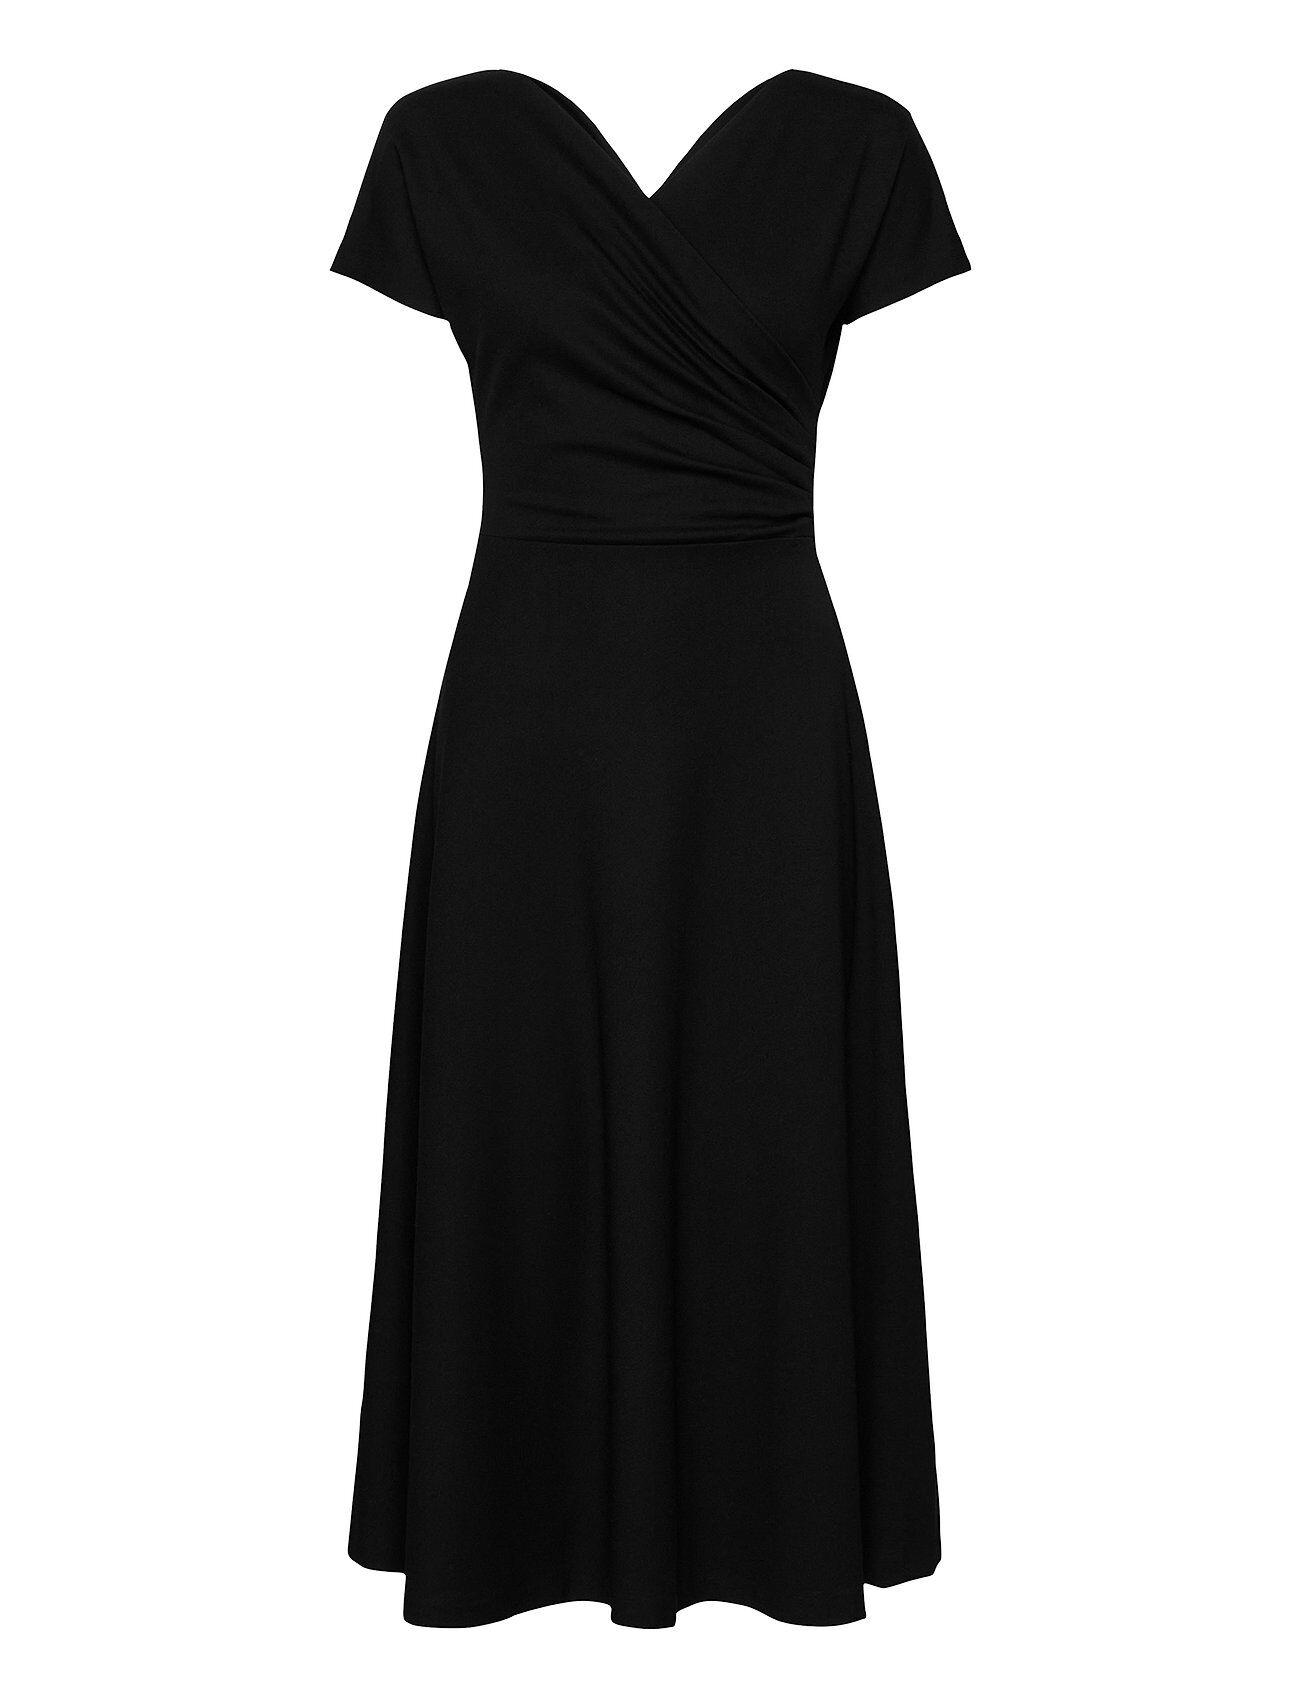 Residus Anis Ecovero Dress Polvipituinen Mekko Musta Residus